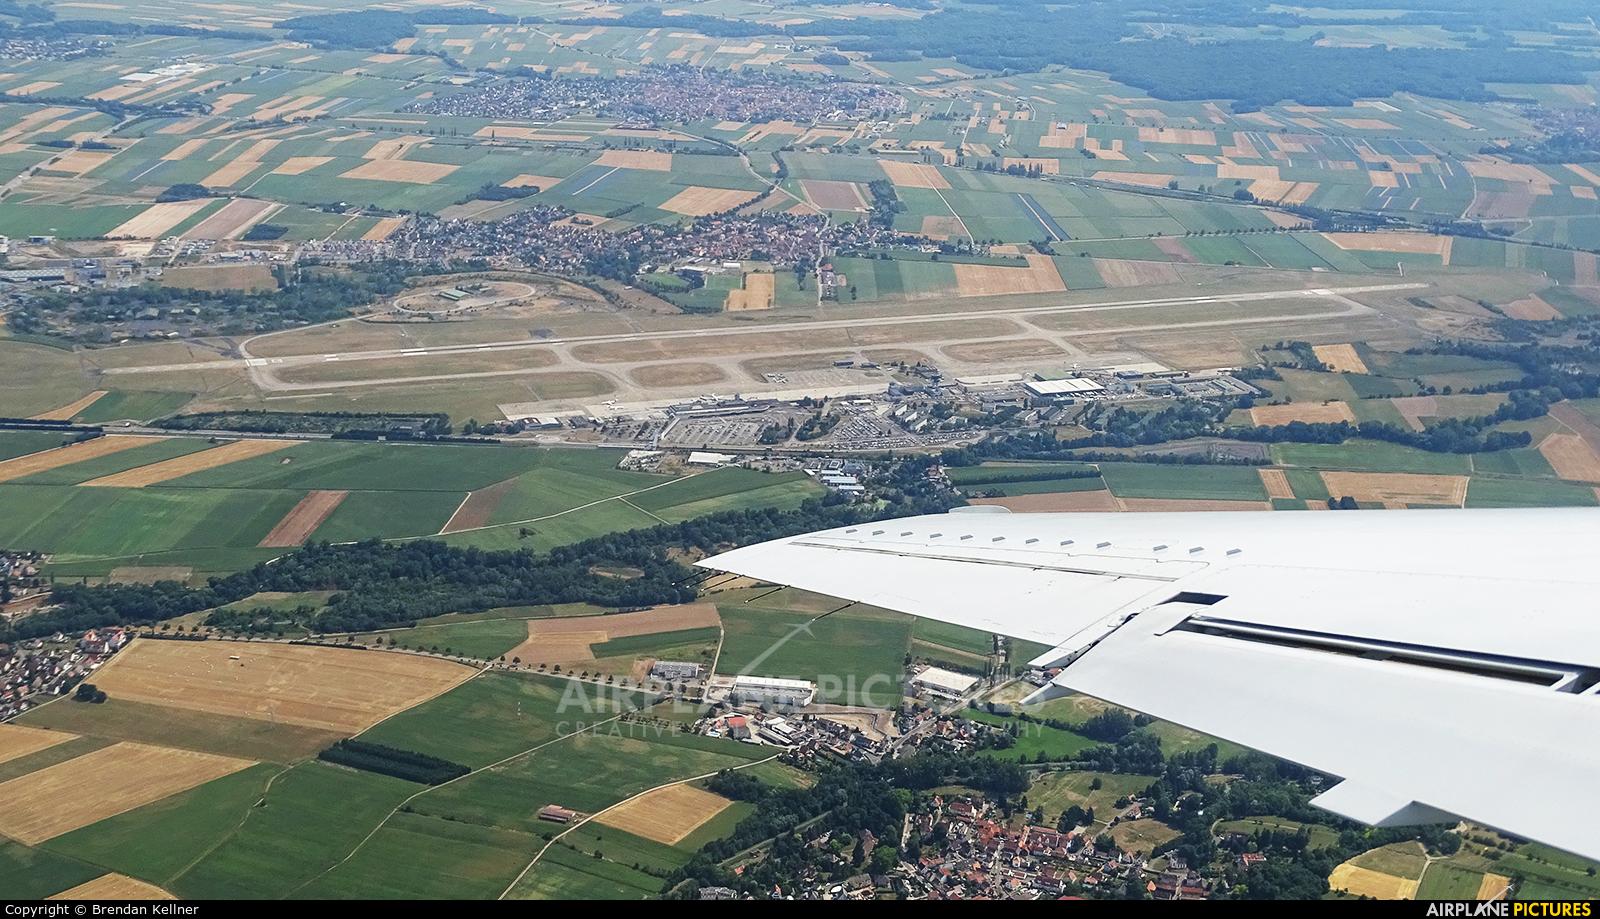 Air France - Hop! F-GVHD aircraft at In Flight - France